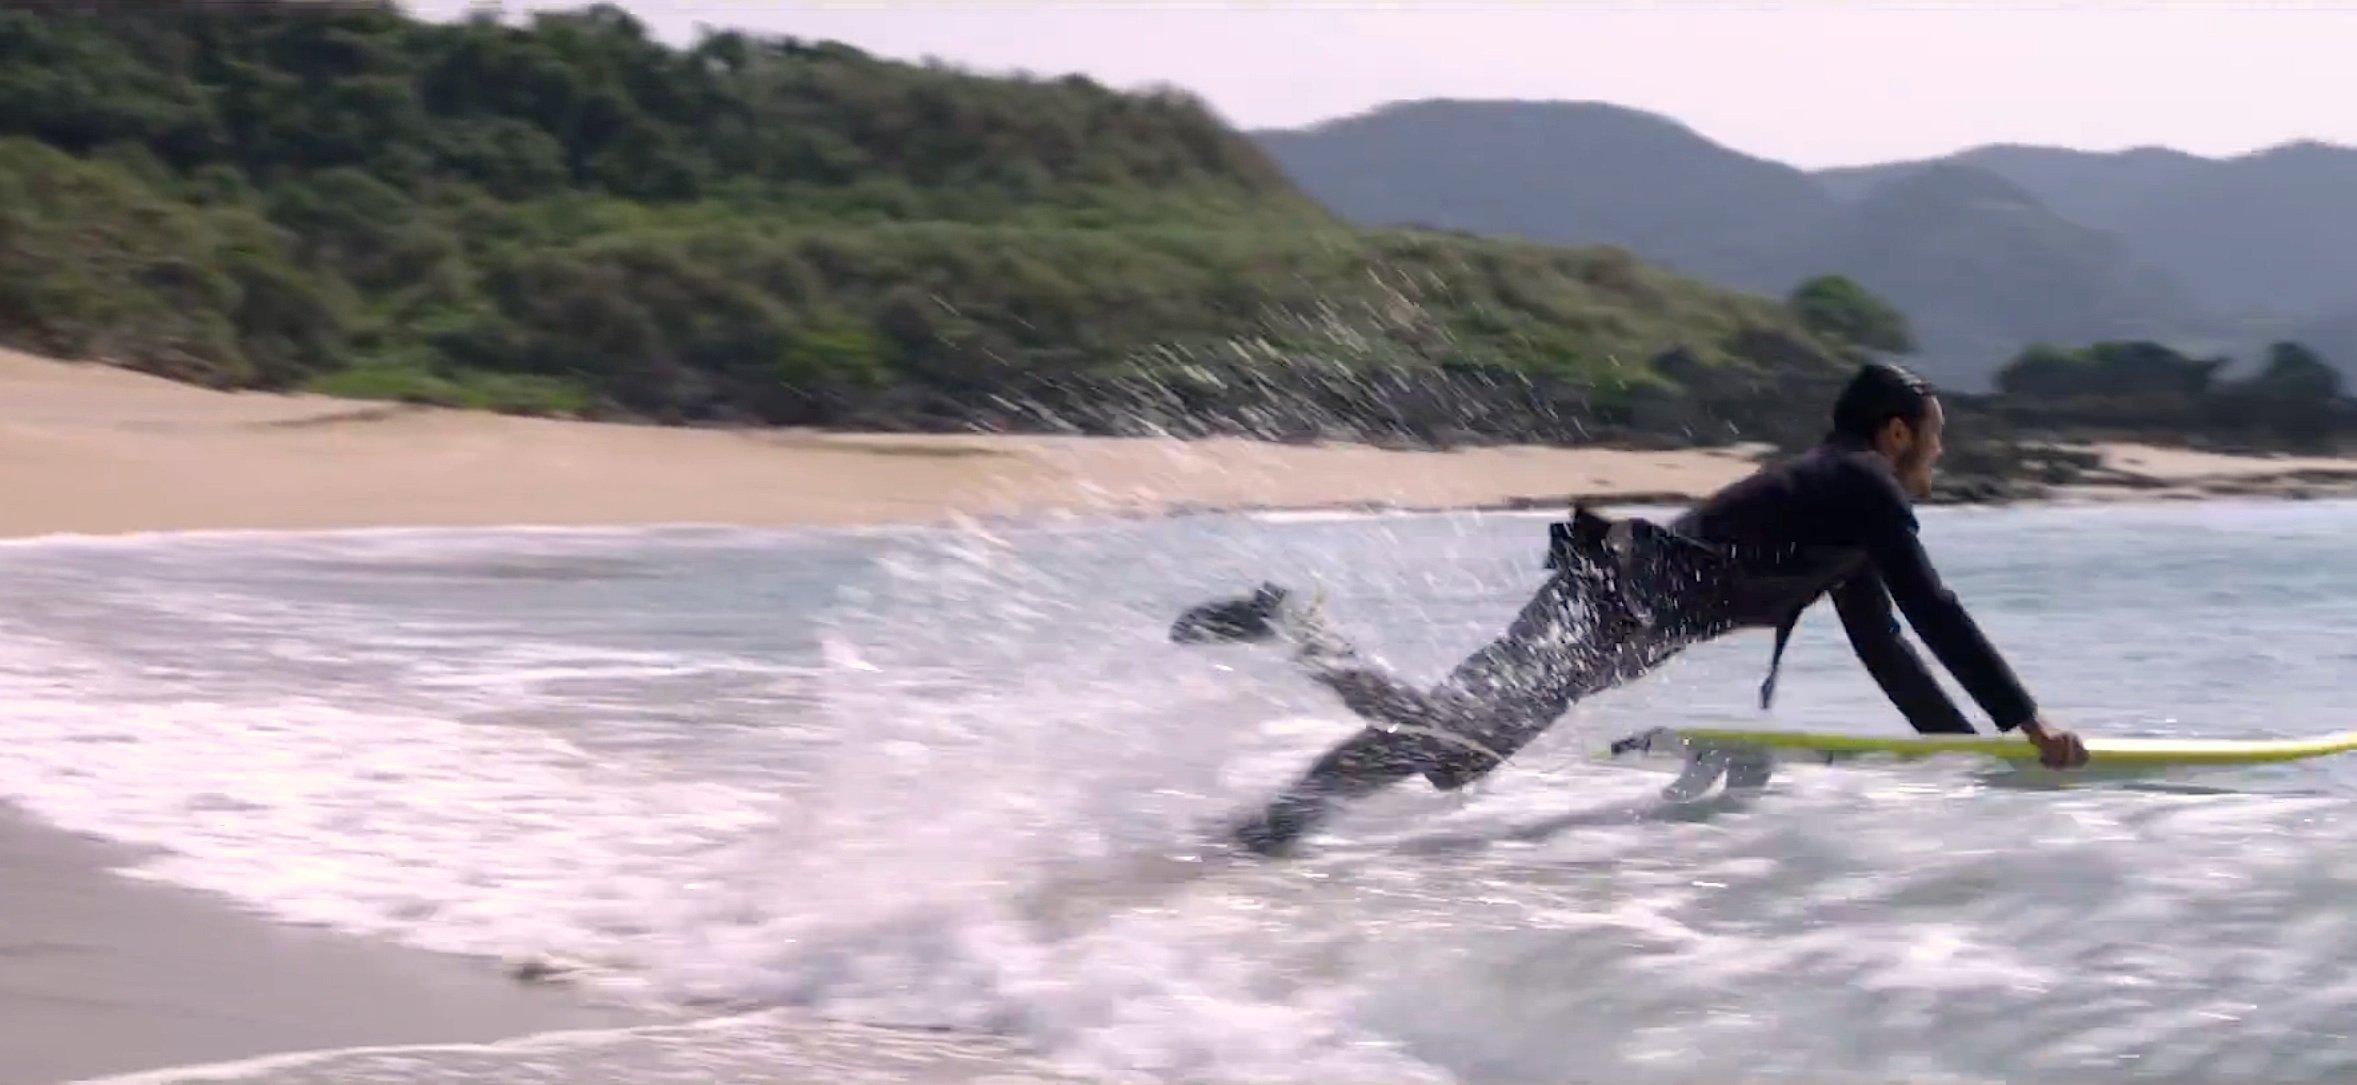 Mit einem Sprung direkt im Anzug aus dem Auto ins Meer: Das verspricht der neue NeoprenanzugTruewetsuits des japanischen Hersteller Quicksilver.